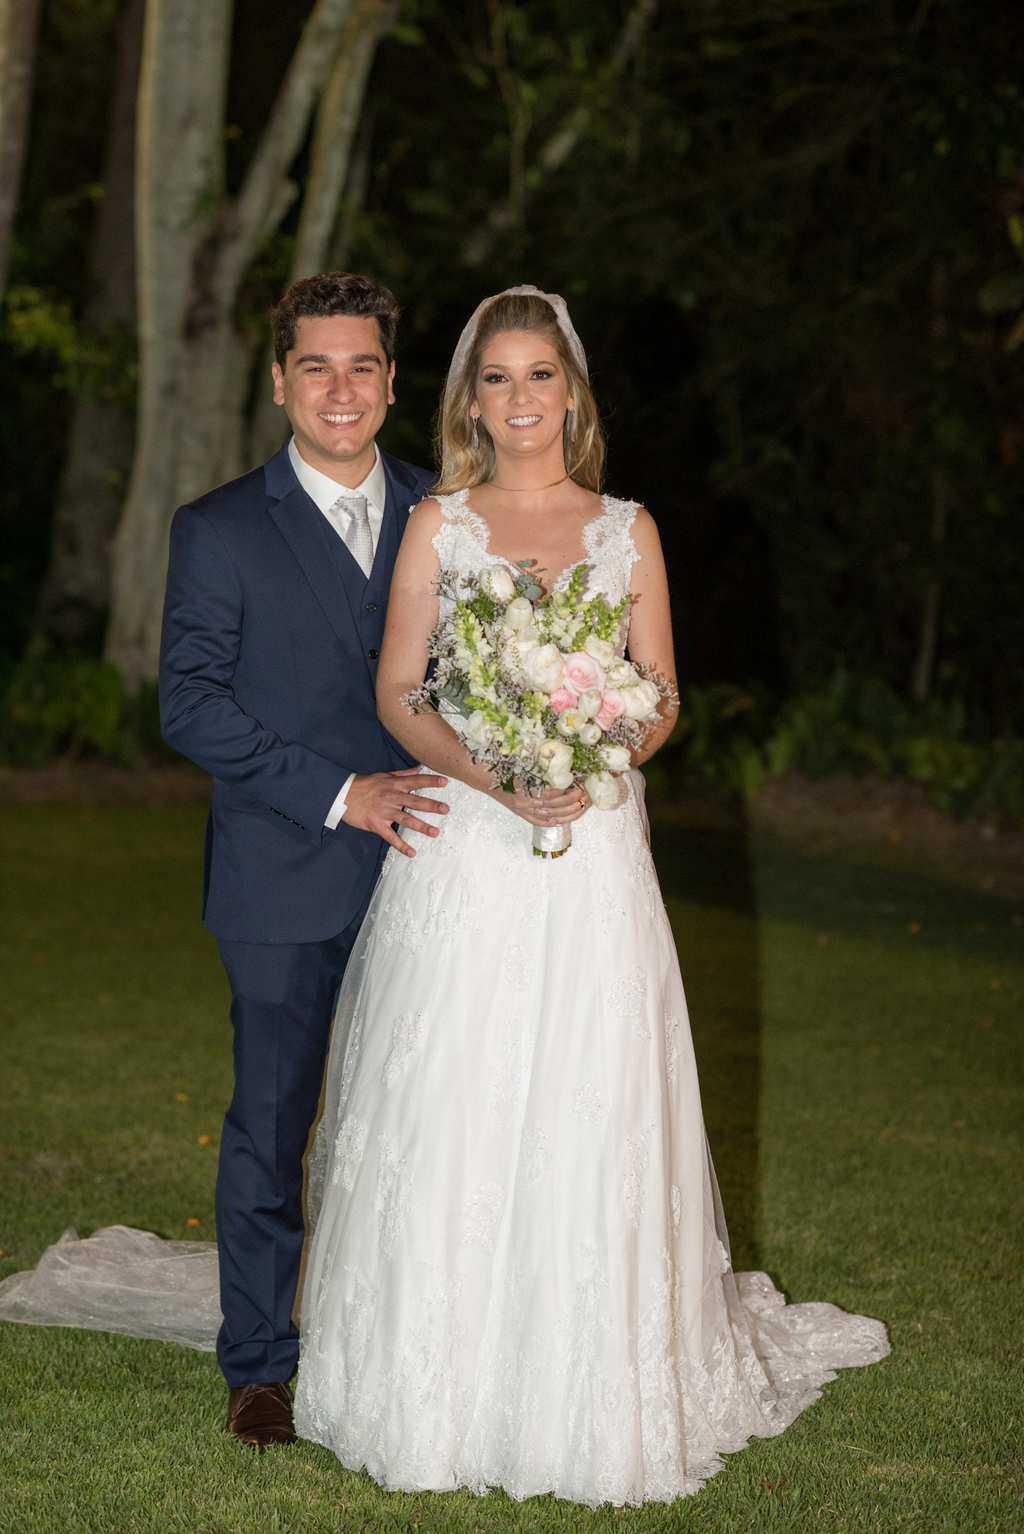 casamento-de-dia-casamento-Nicole-e-Thales-casamento-no-jardim-csasamento-ao-ar-livre-Fotografia-Marina-Fava-Galeria-Jardim-Rio-de-Janeiro-100